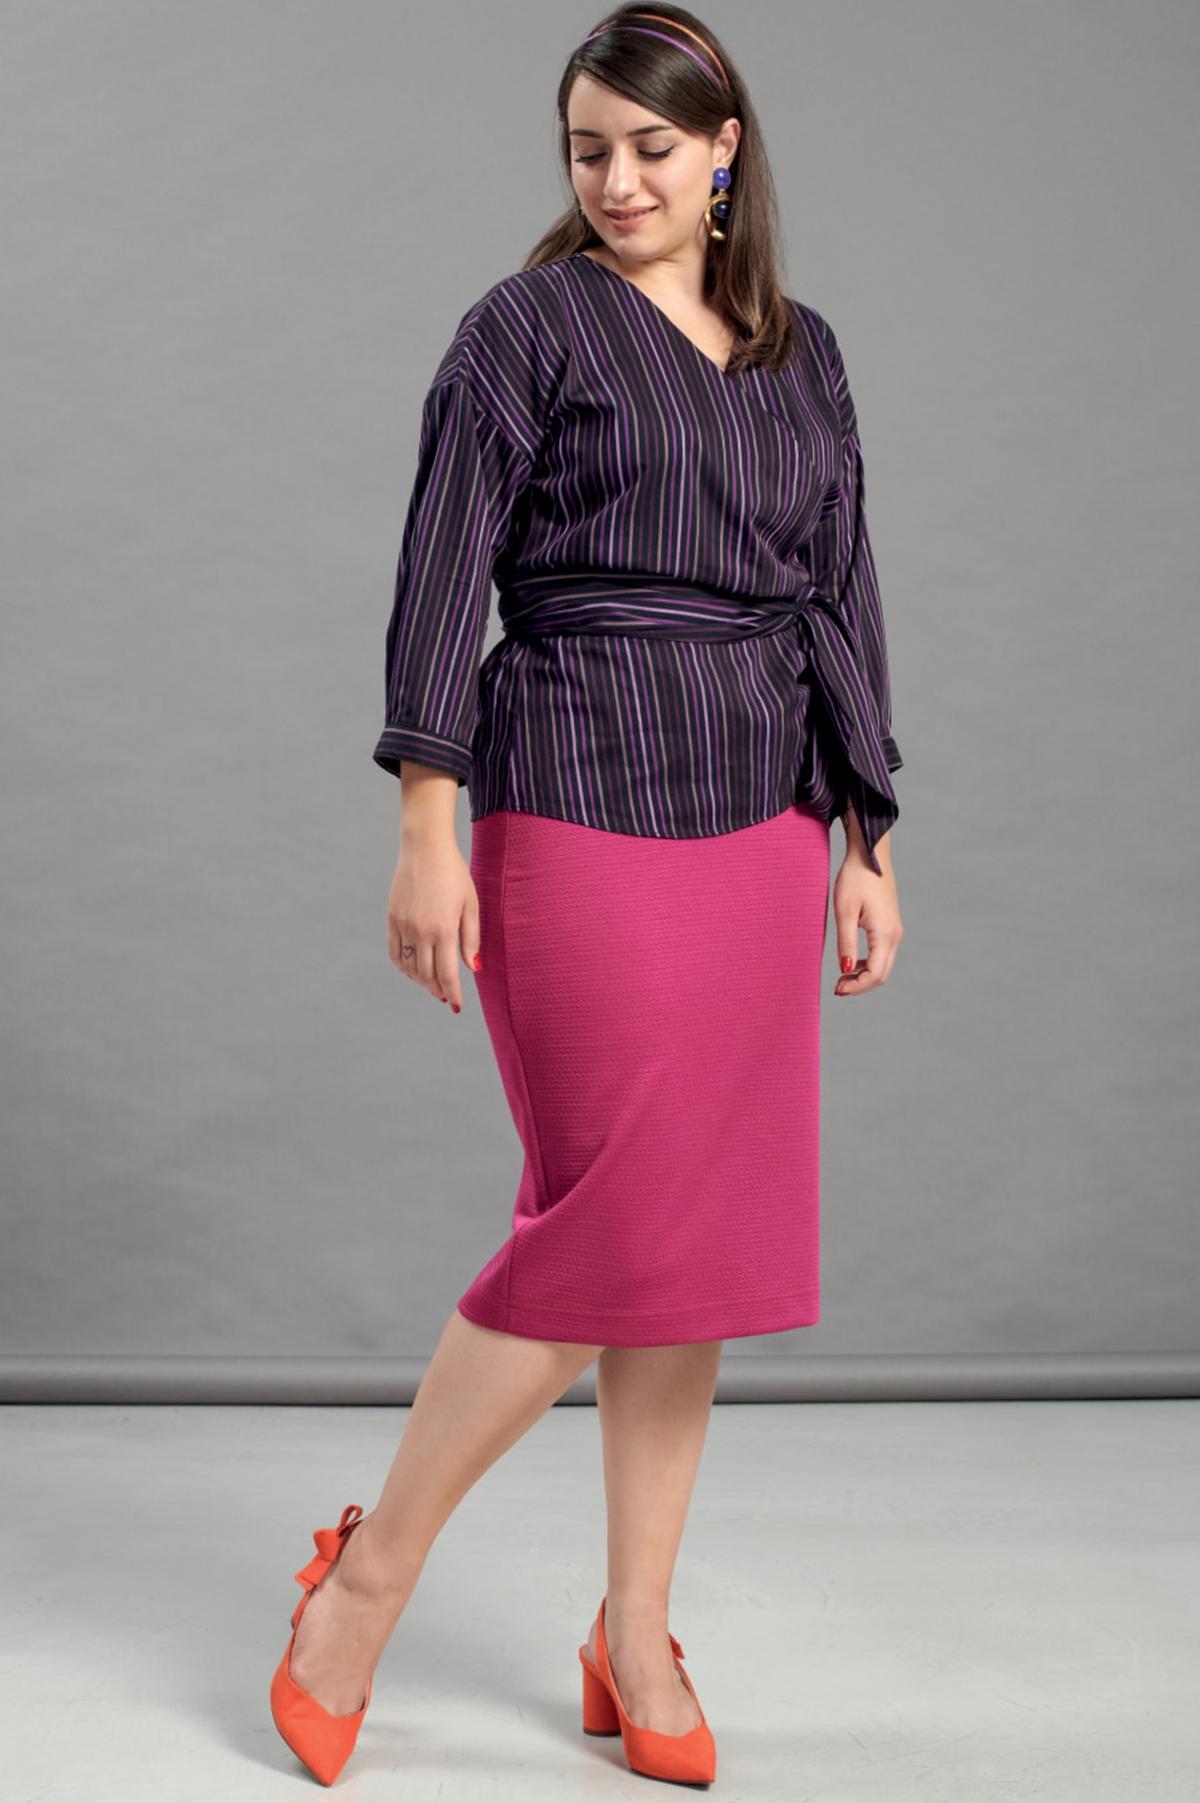 ΠΟΥΚΑΜΙΣΟ ΚΡΟΥΑΖΕ - Real Lady - Shop Online bdb07b8a0b2